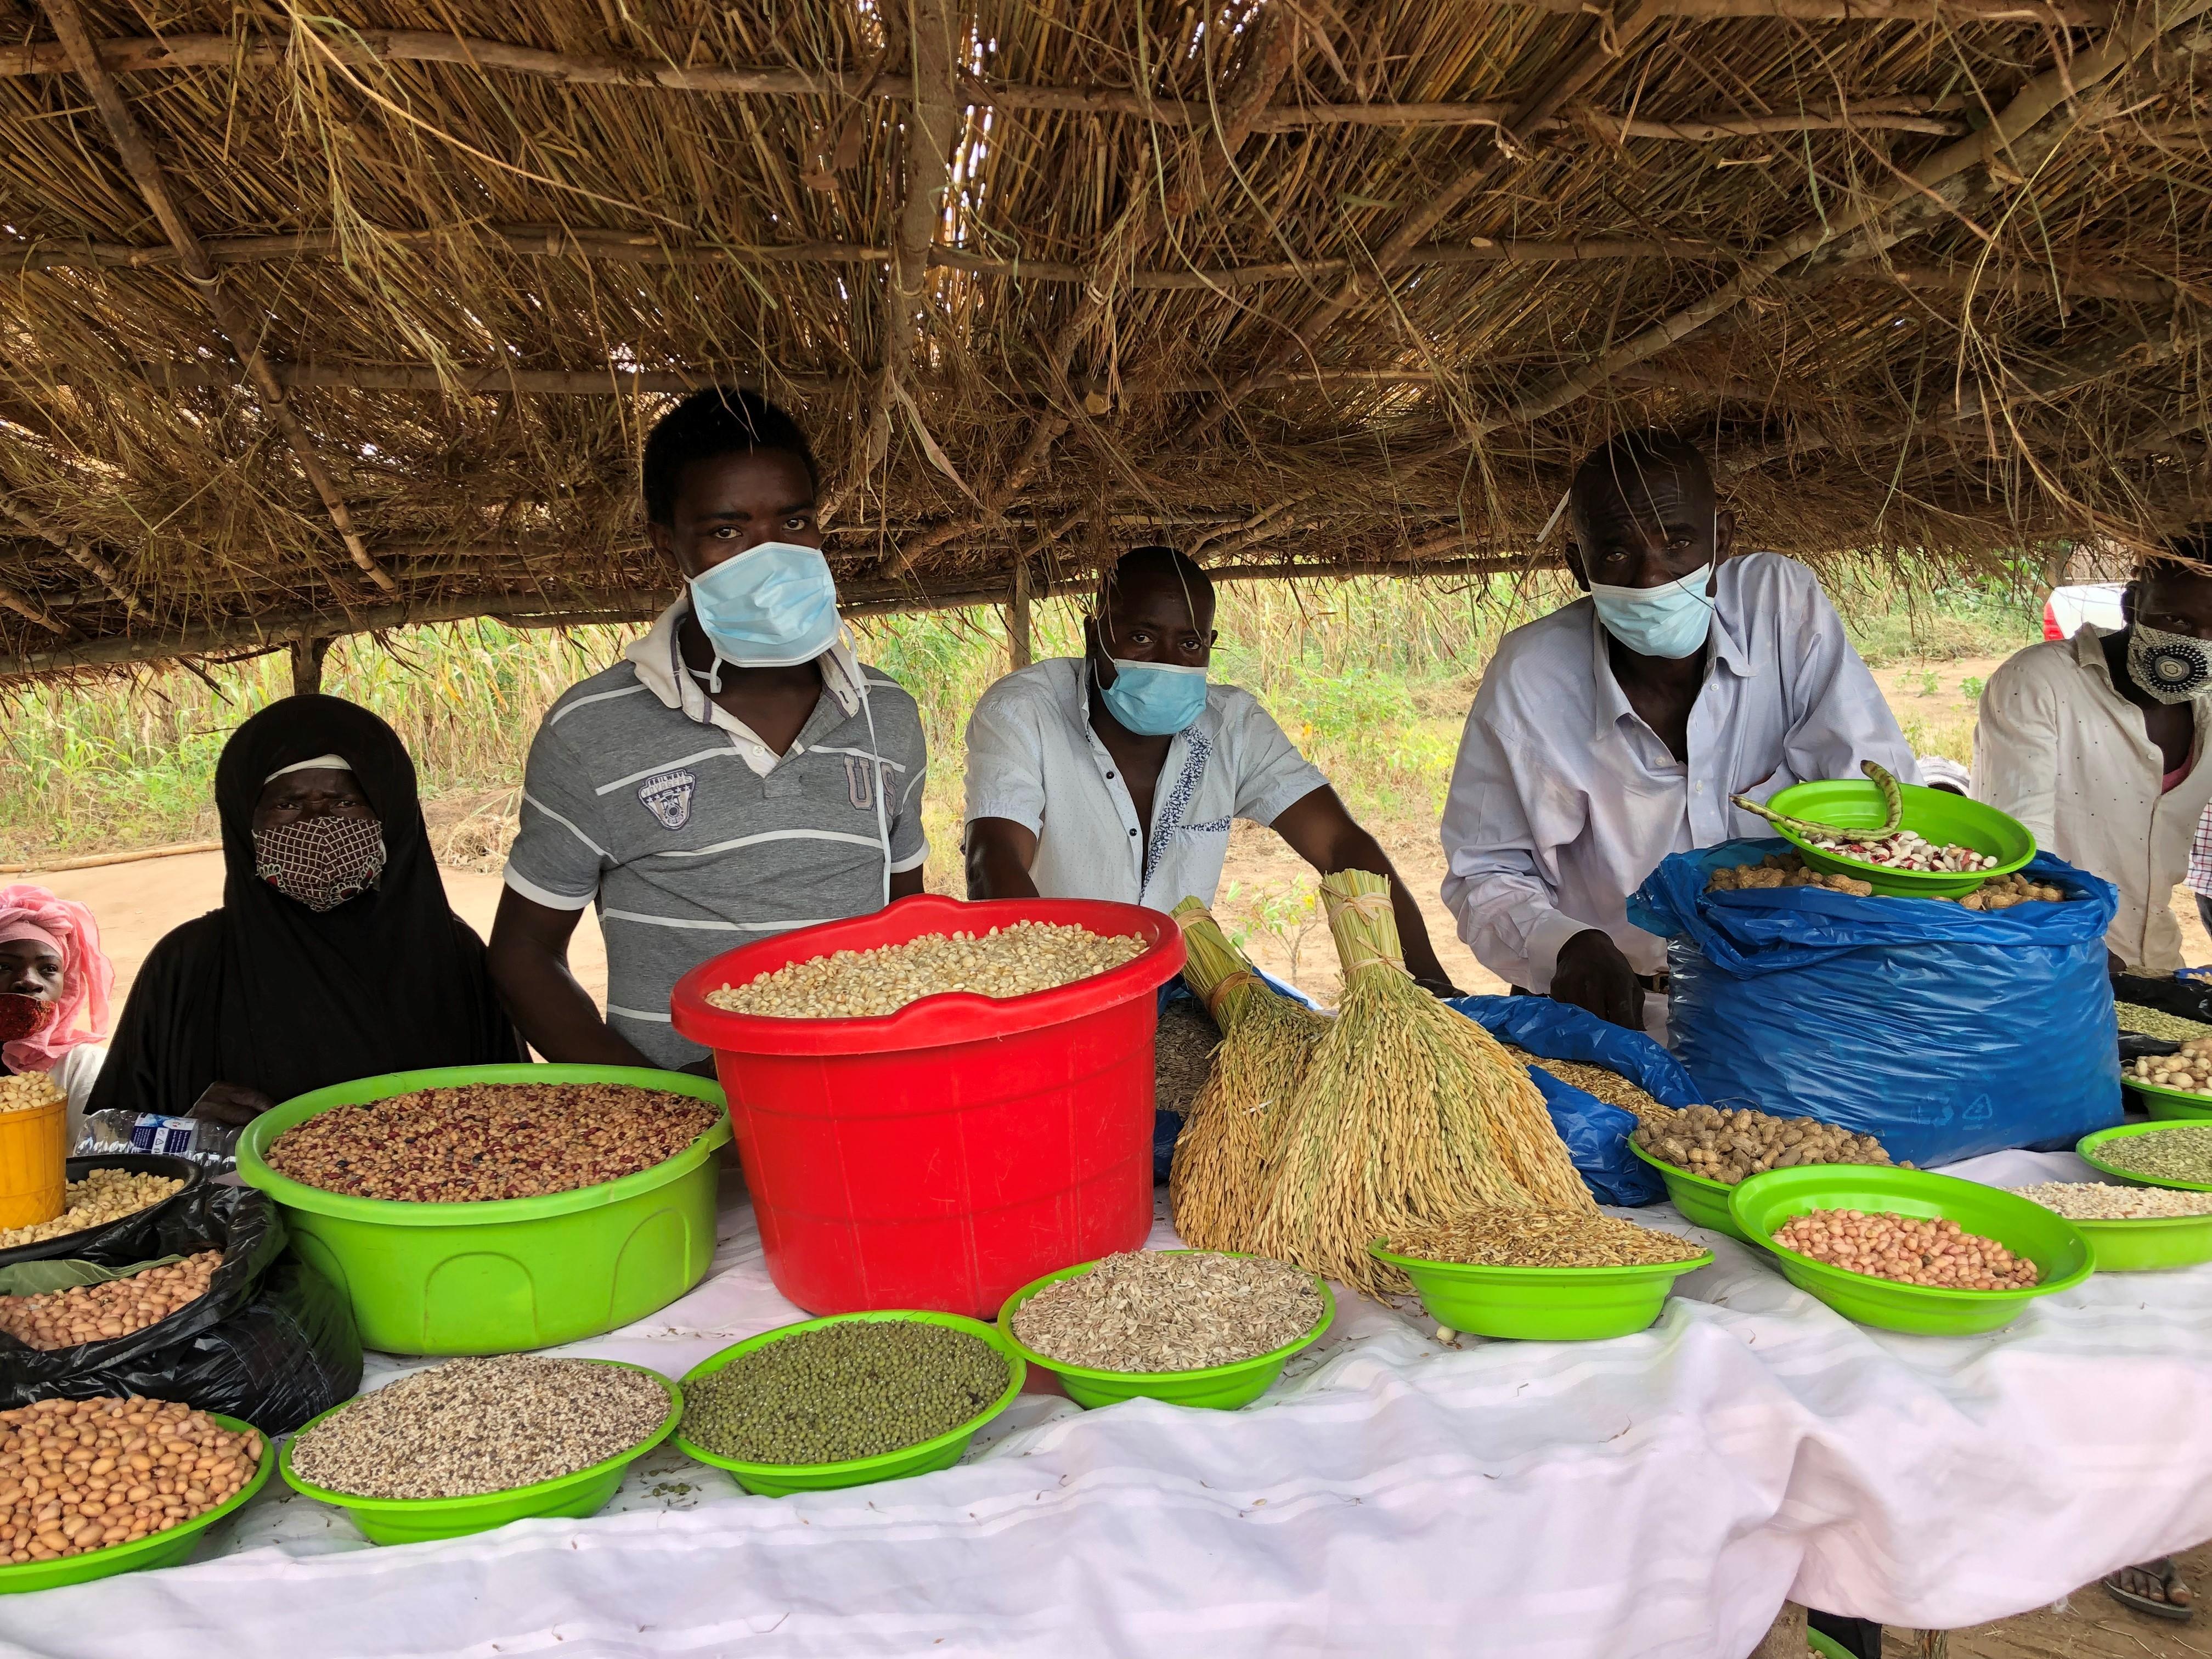 Miehiä myymässä torilla maataloustuotteita